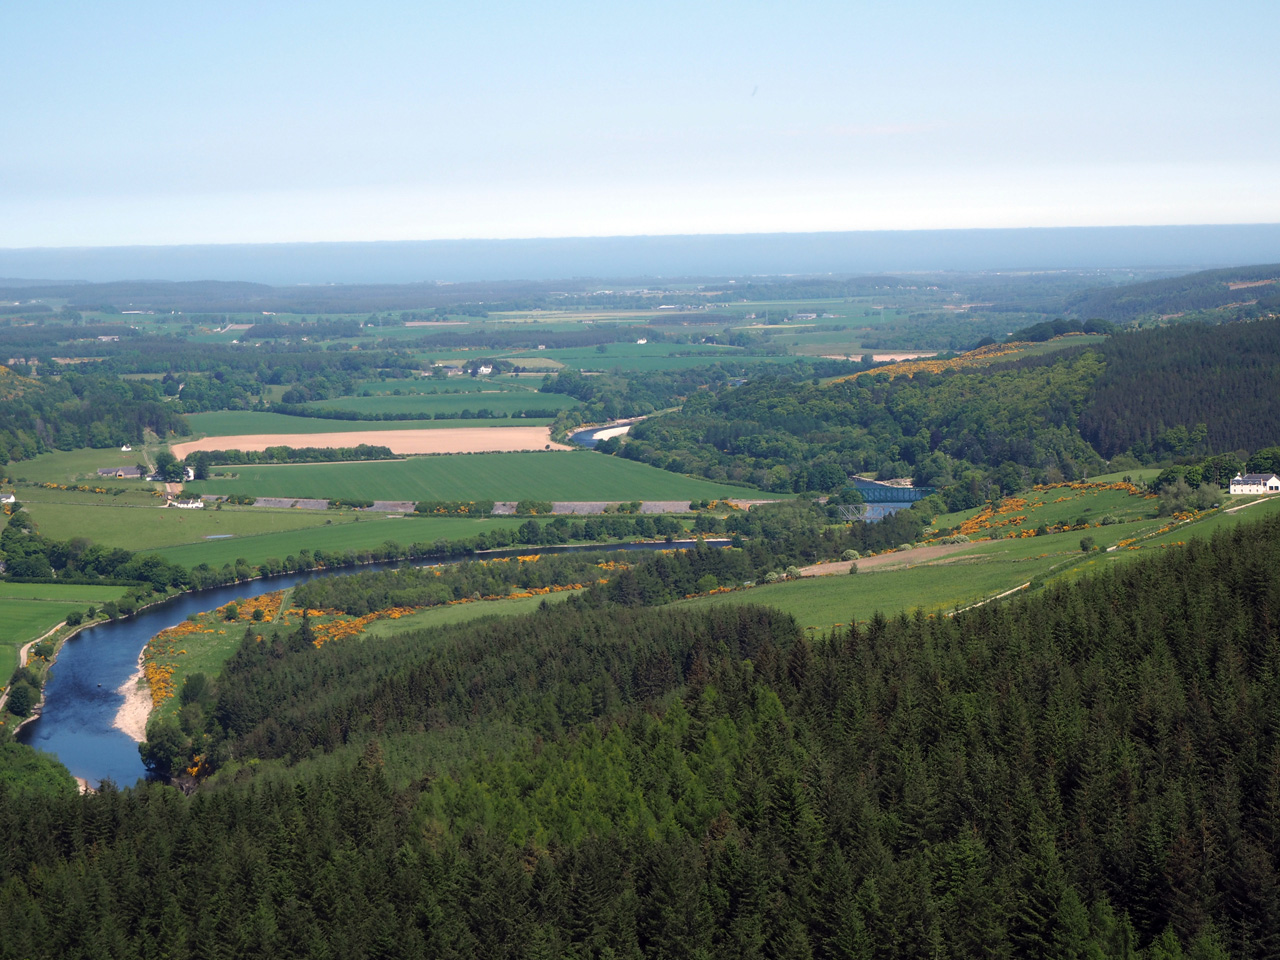 lunchen met een fraai uitzicht dankzij het zojuist gekapte bos